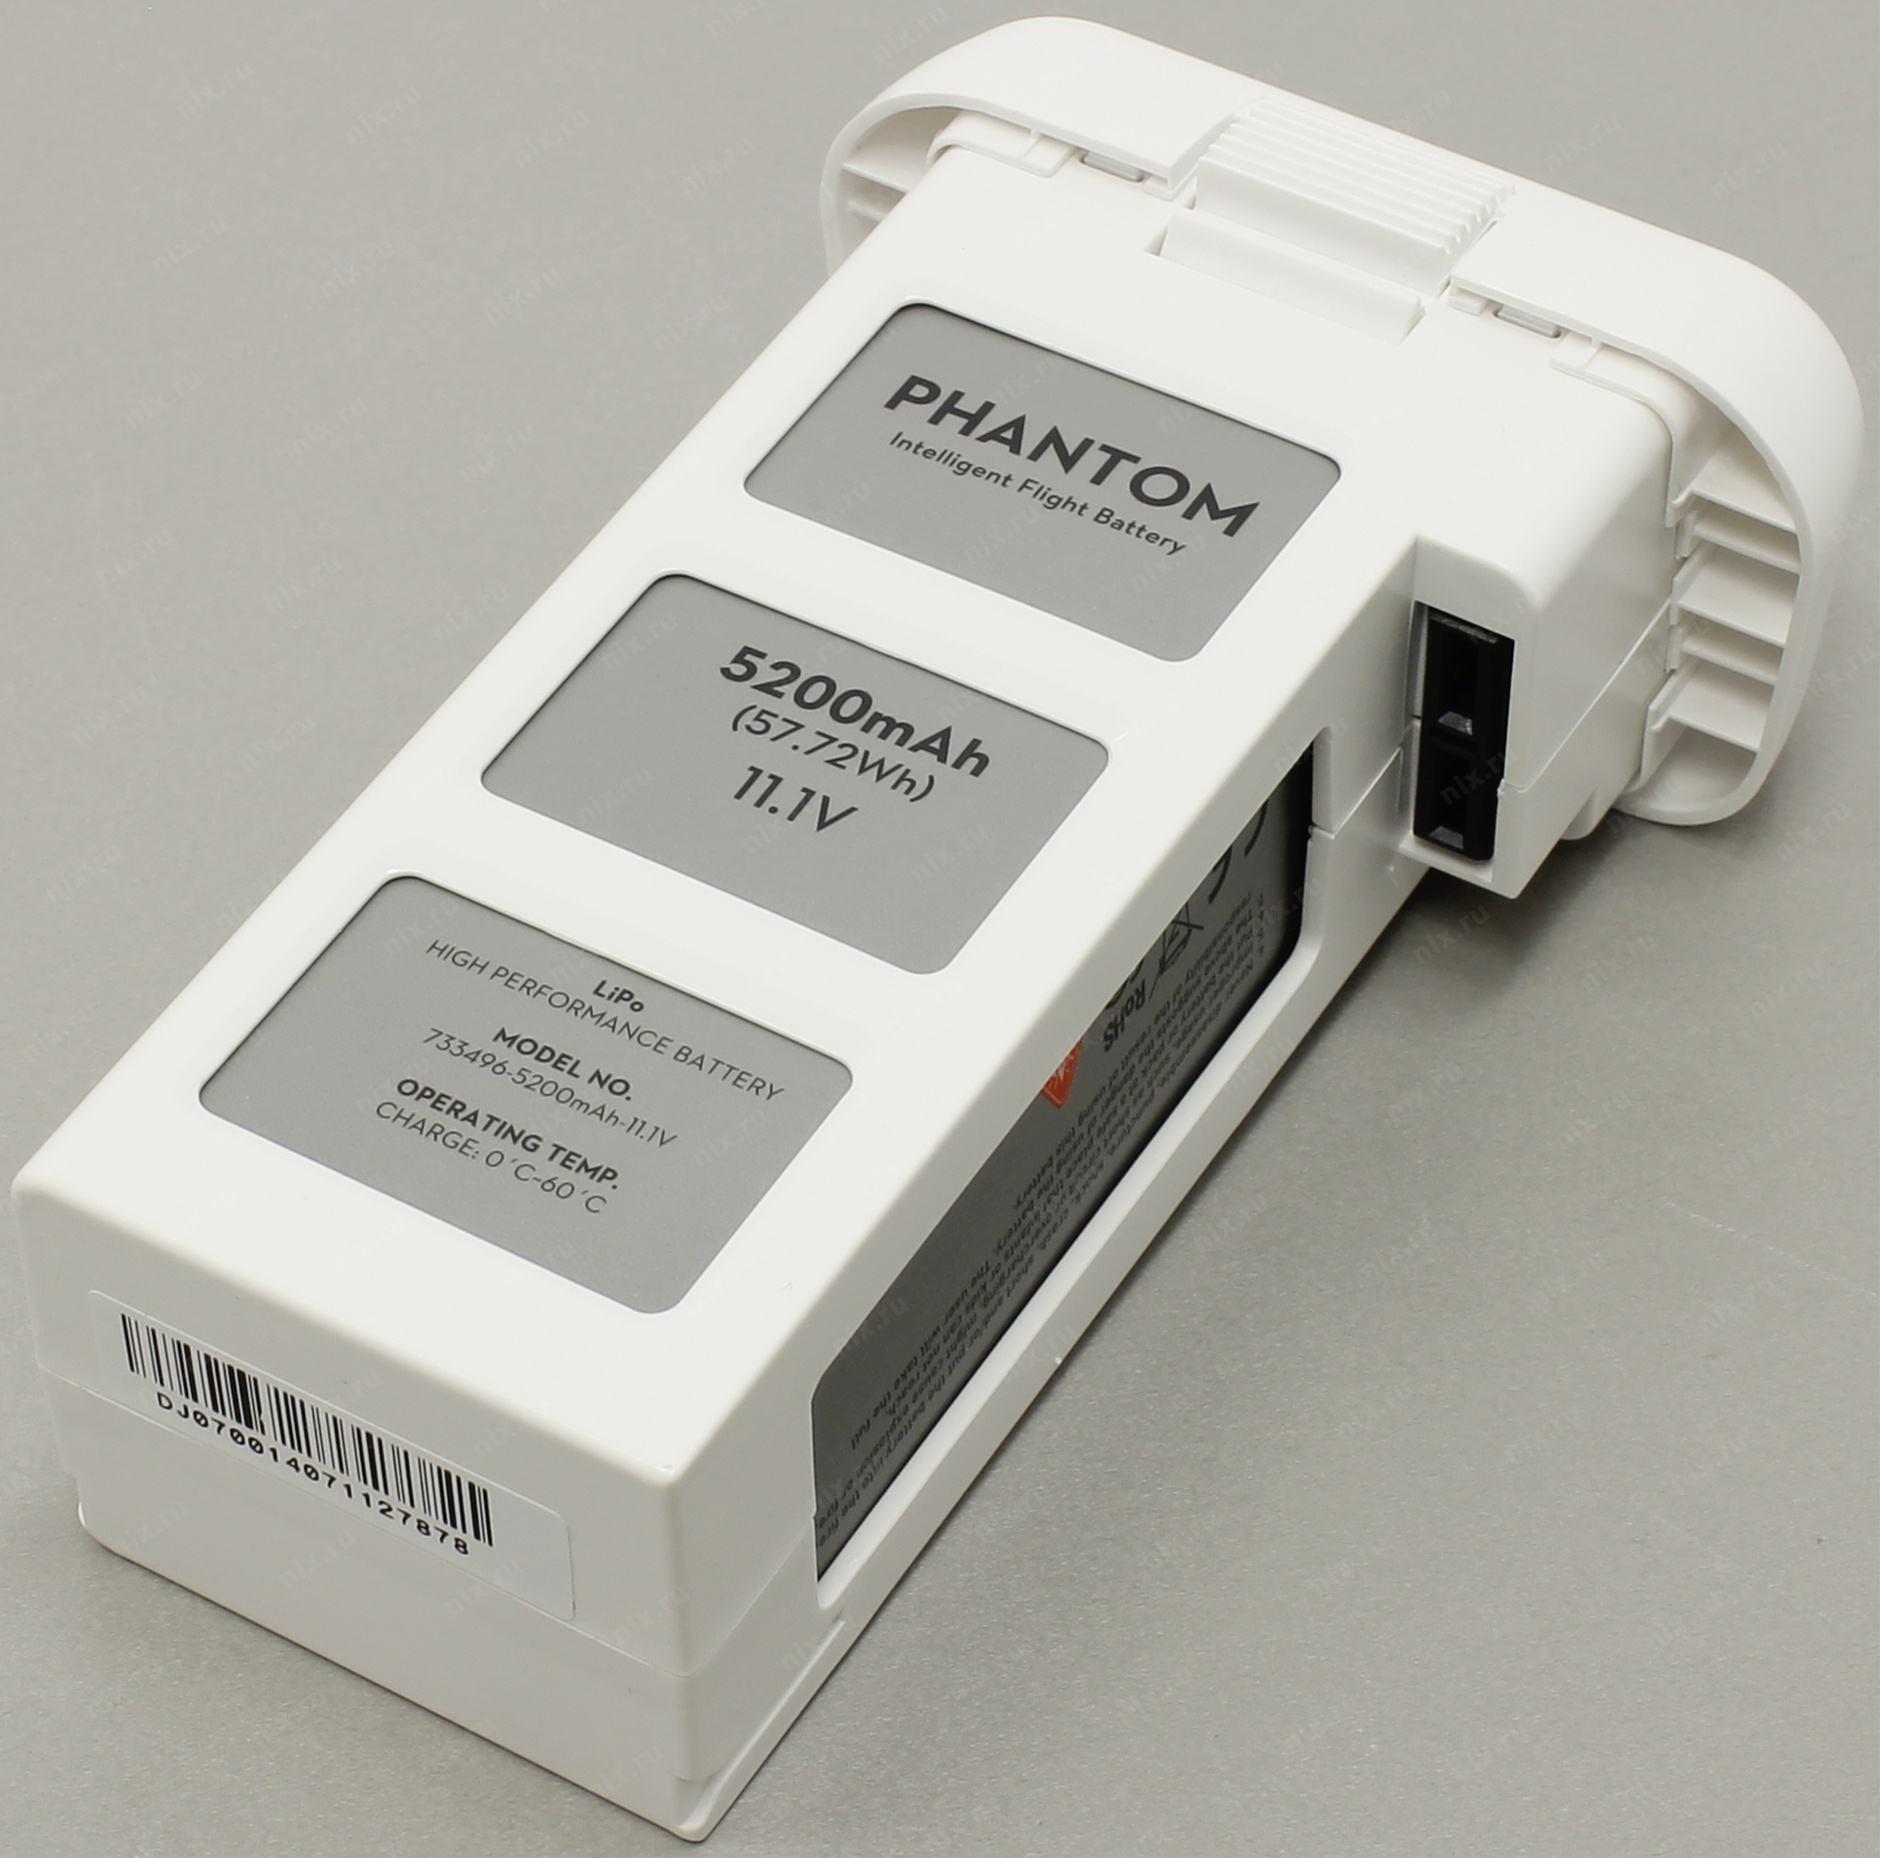 Intelligent flight battery phantom включение, мощность, индикация посмотреть кронштейн смартфона ipad (айпад) мавик эйр